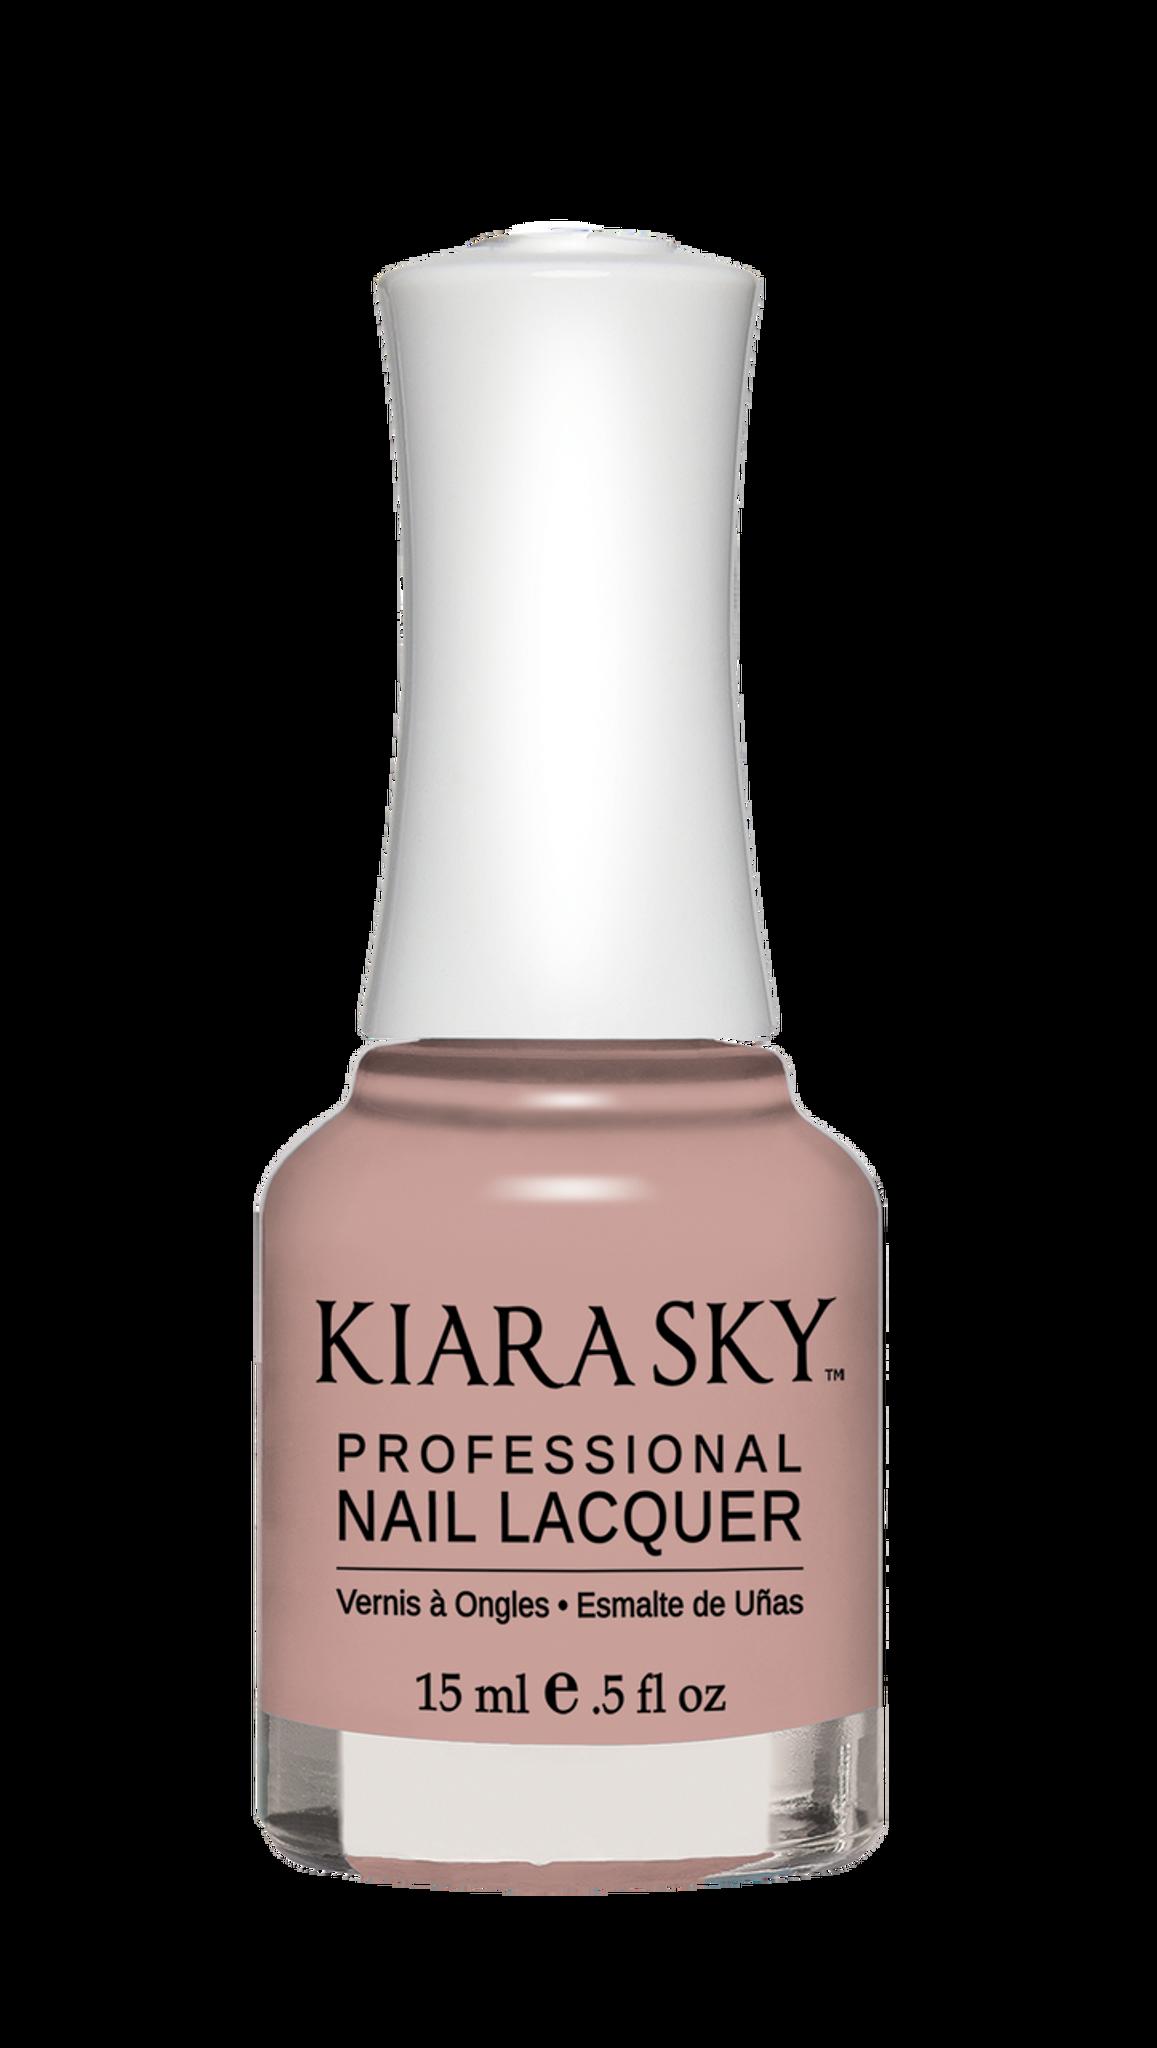 NAIL LACQUER - N567 ROSE BONBON - Kiara Sky Professional Nails